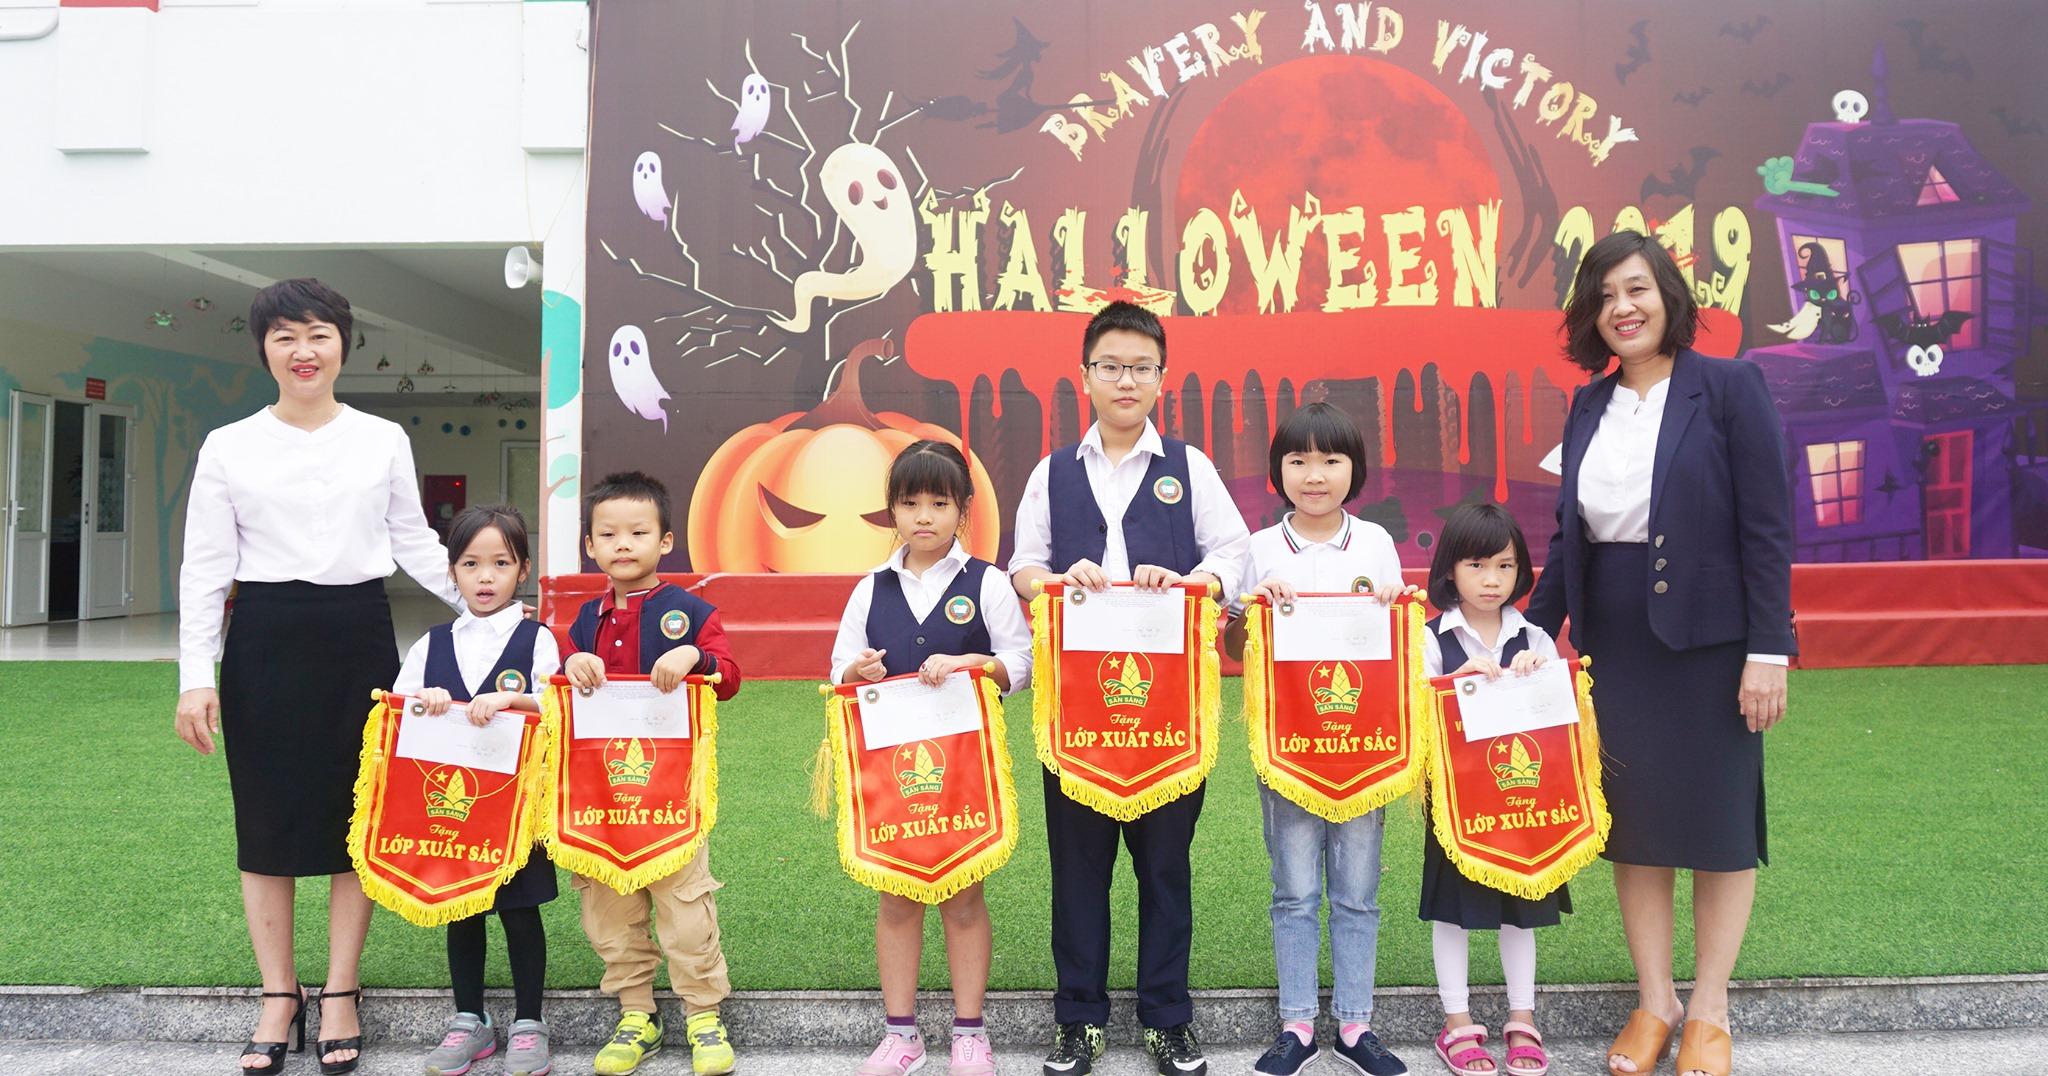 PGS.TS Nguyễn Thị Ngân Hoa (bìa phải) Chủ tịch HĐQT Vic Group- Chuyên gia giáo dục nổi tiếng